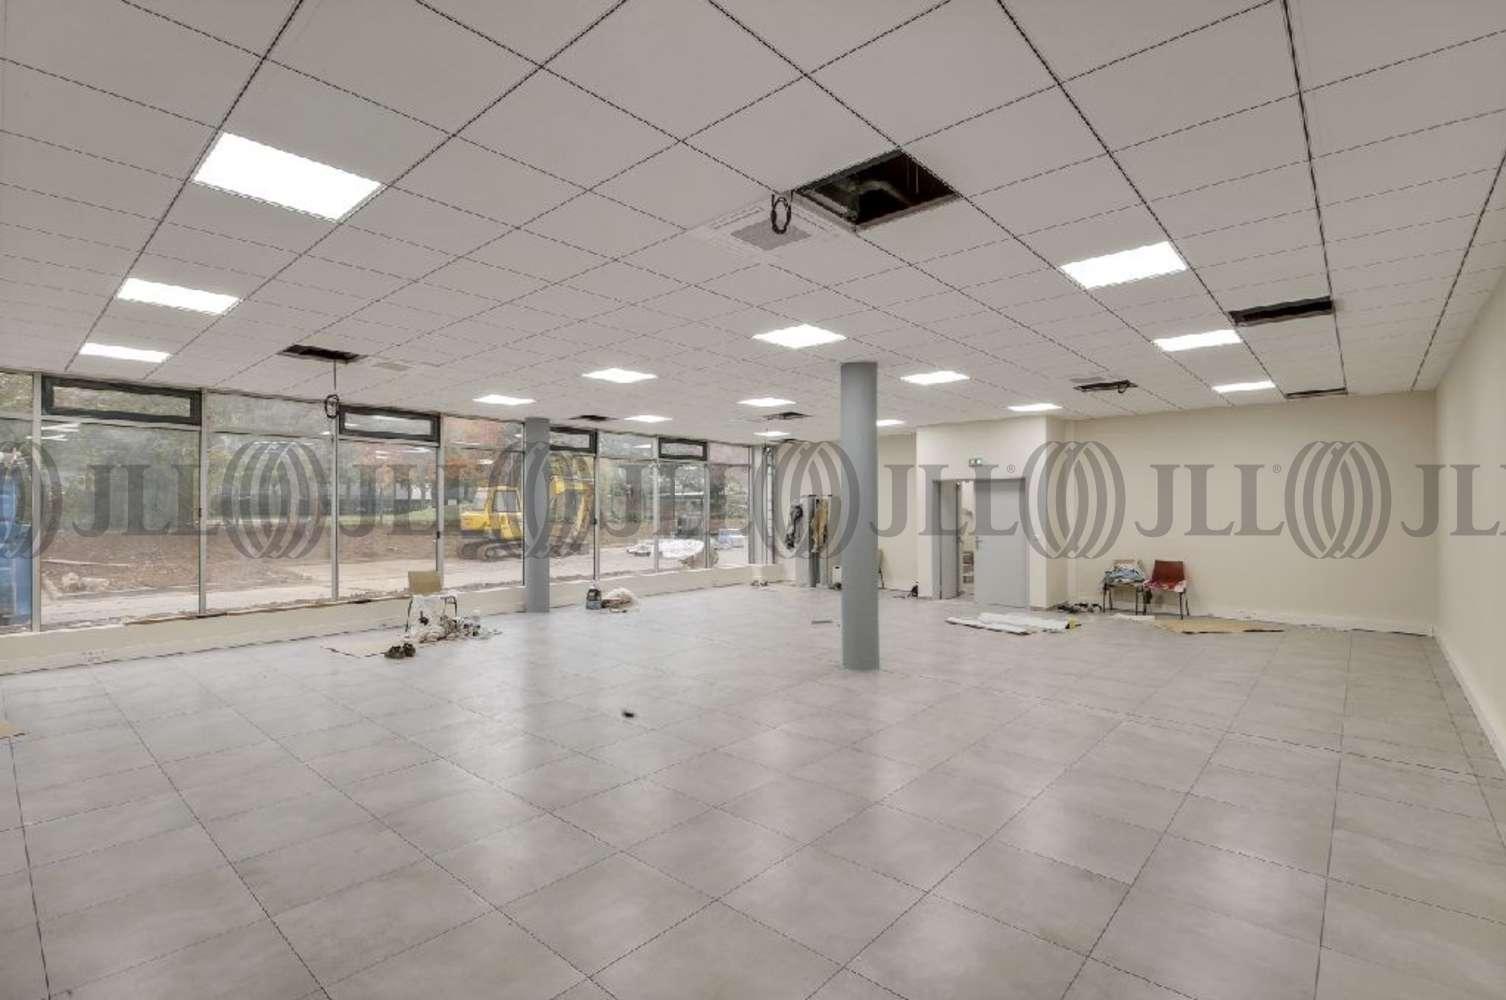 Activités/entrepôt Tremblay en france, 93290 - IDF NORD / POLE DE ROISSY - 10876127